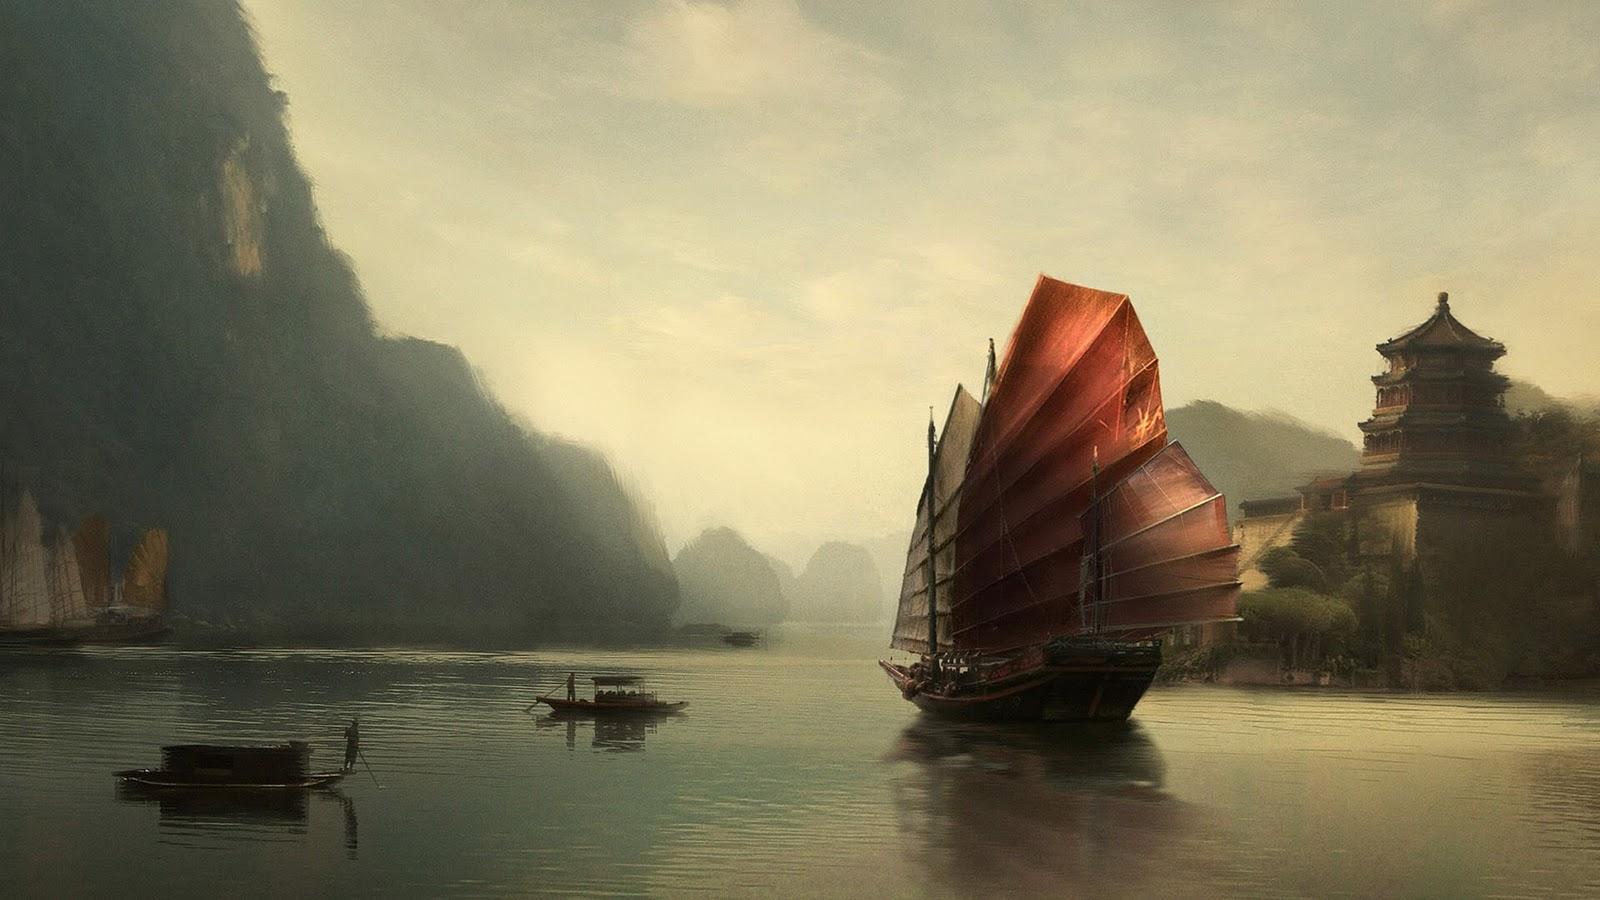 wallpaper: Asian Wallpaper Design